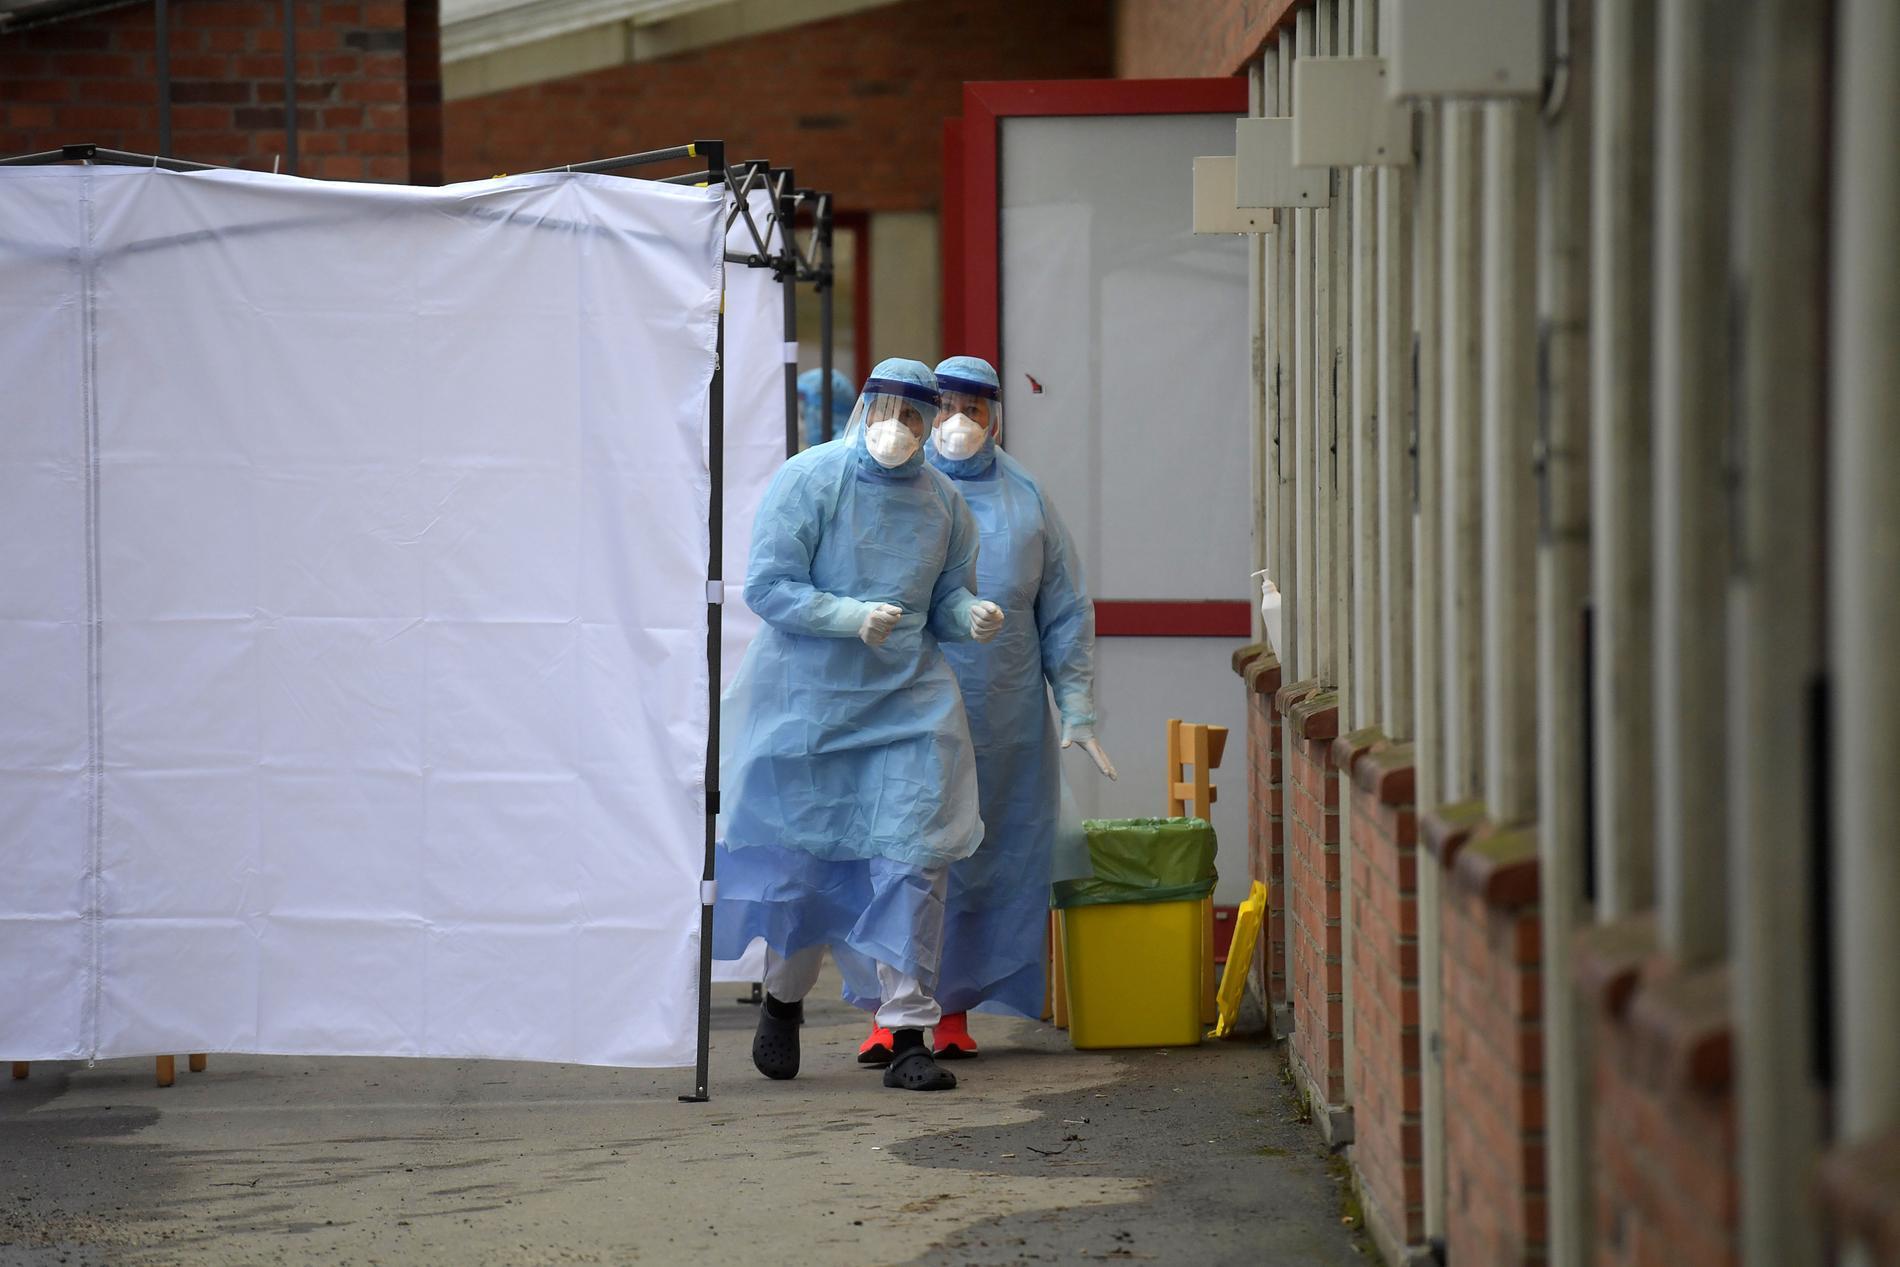 Utanför smittskyddskliniken vid Huddinge sjukhus i Stockholm har tält satts upp för provtagning av coronaviruset covid-19.